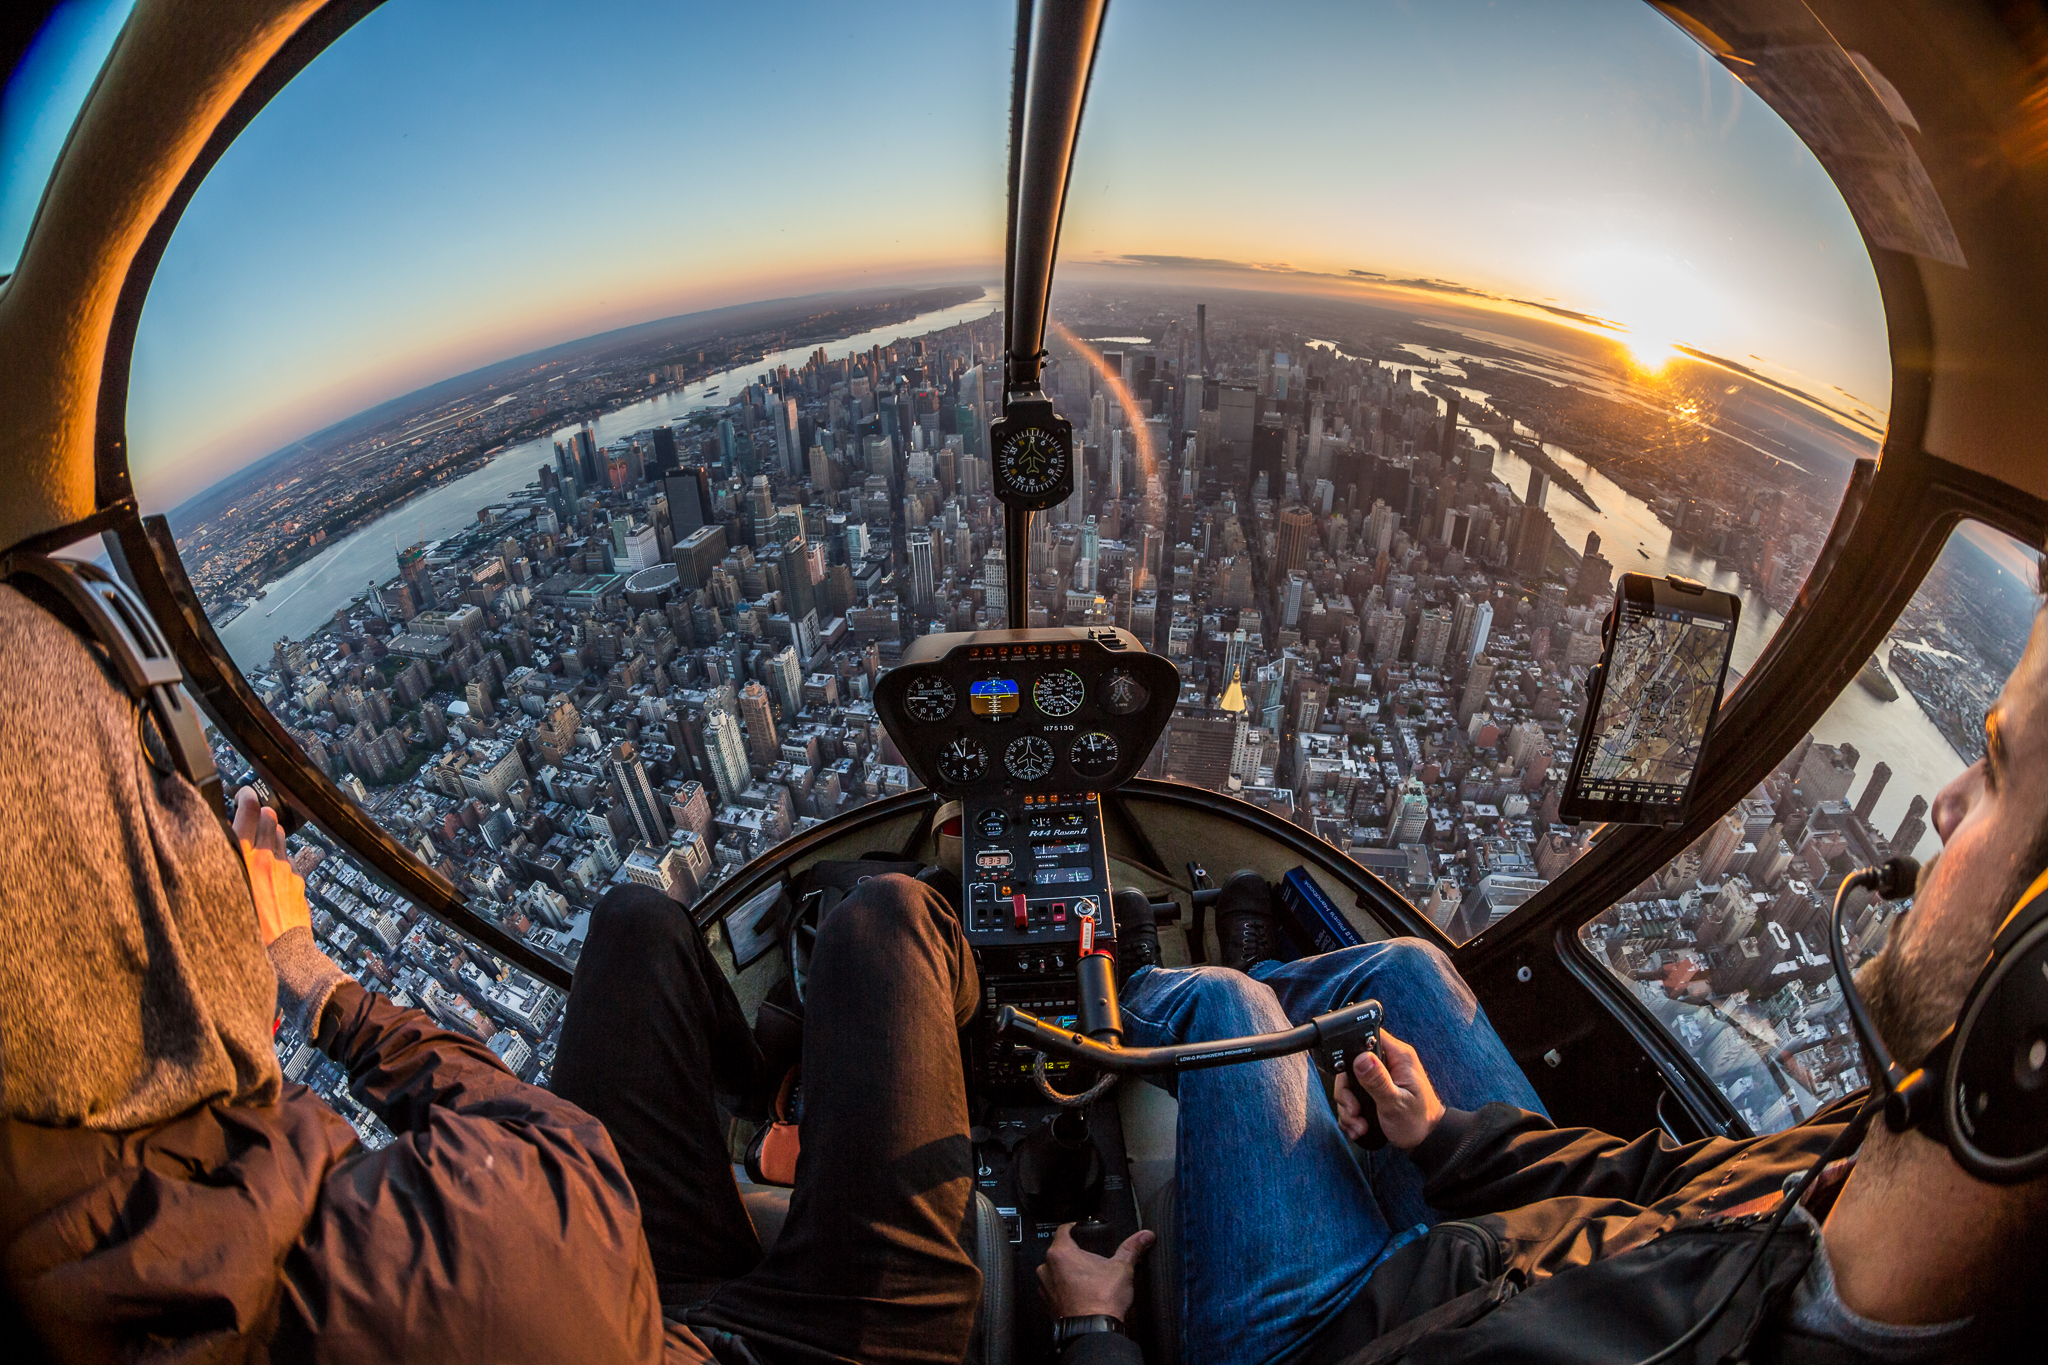 NYC_Heli_May2015_iWally-2.jpg